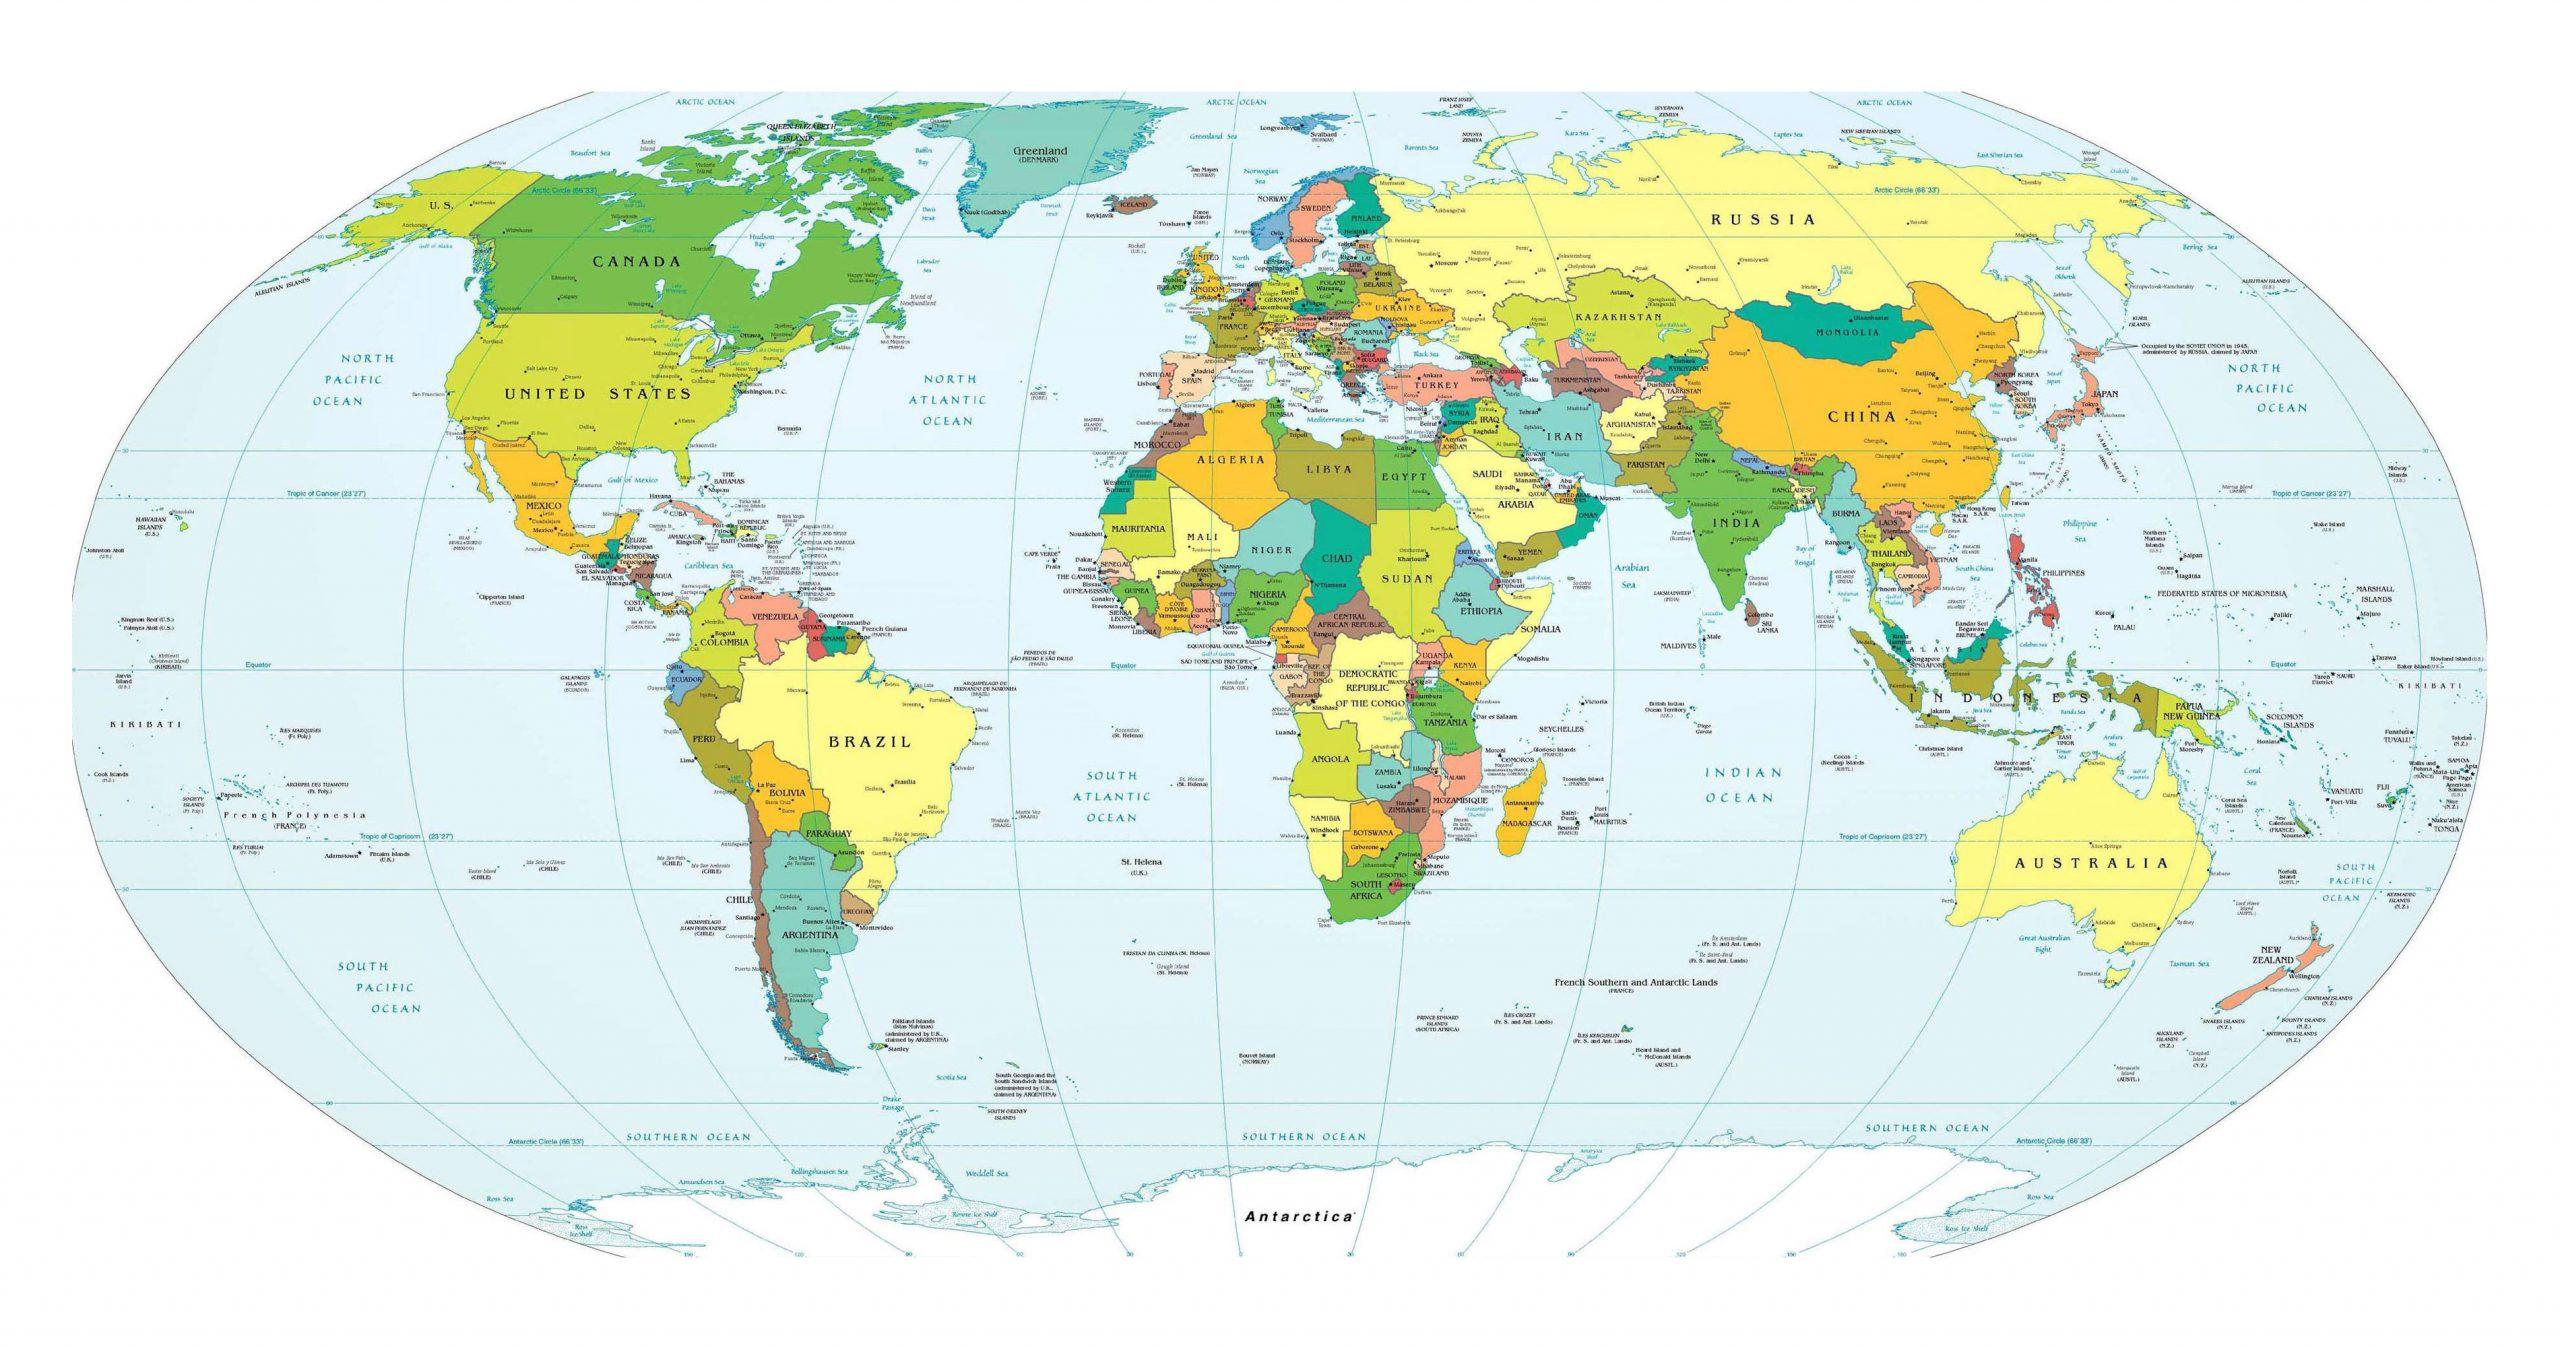 Carte Du Monde Détaillée Avec Pays Et Capitales - Comparatif tout Carte D Europe Avec Pays Et Capitales